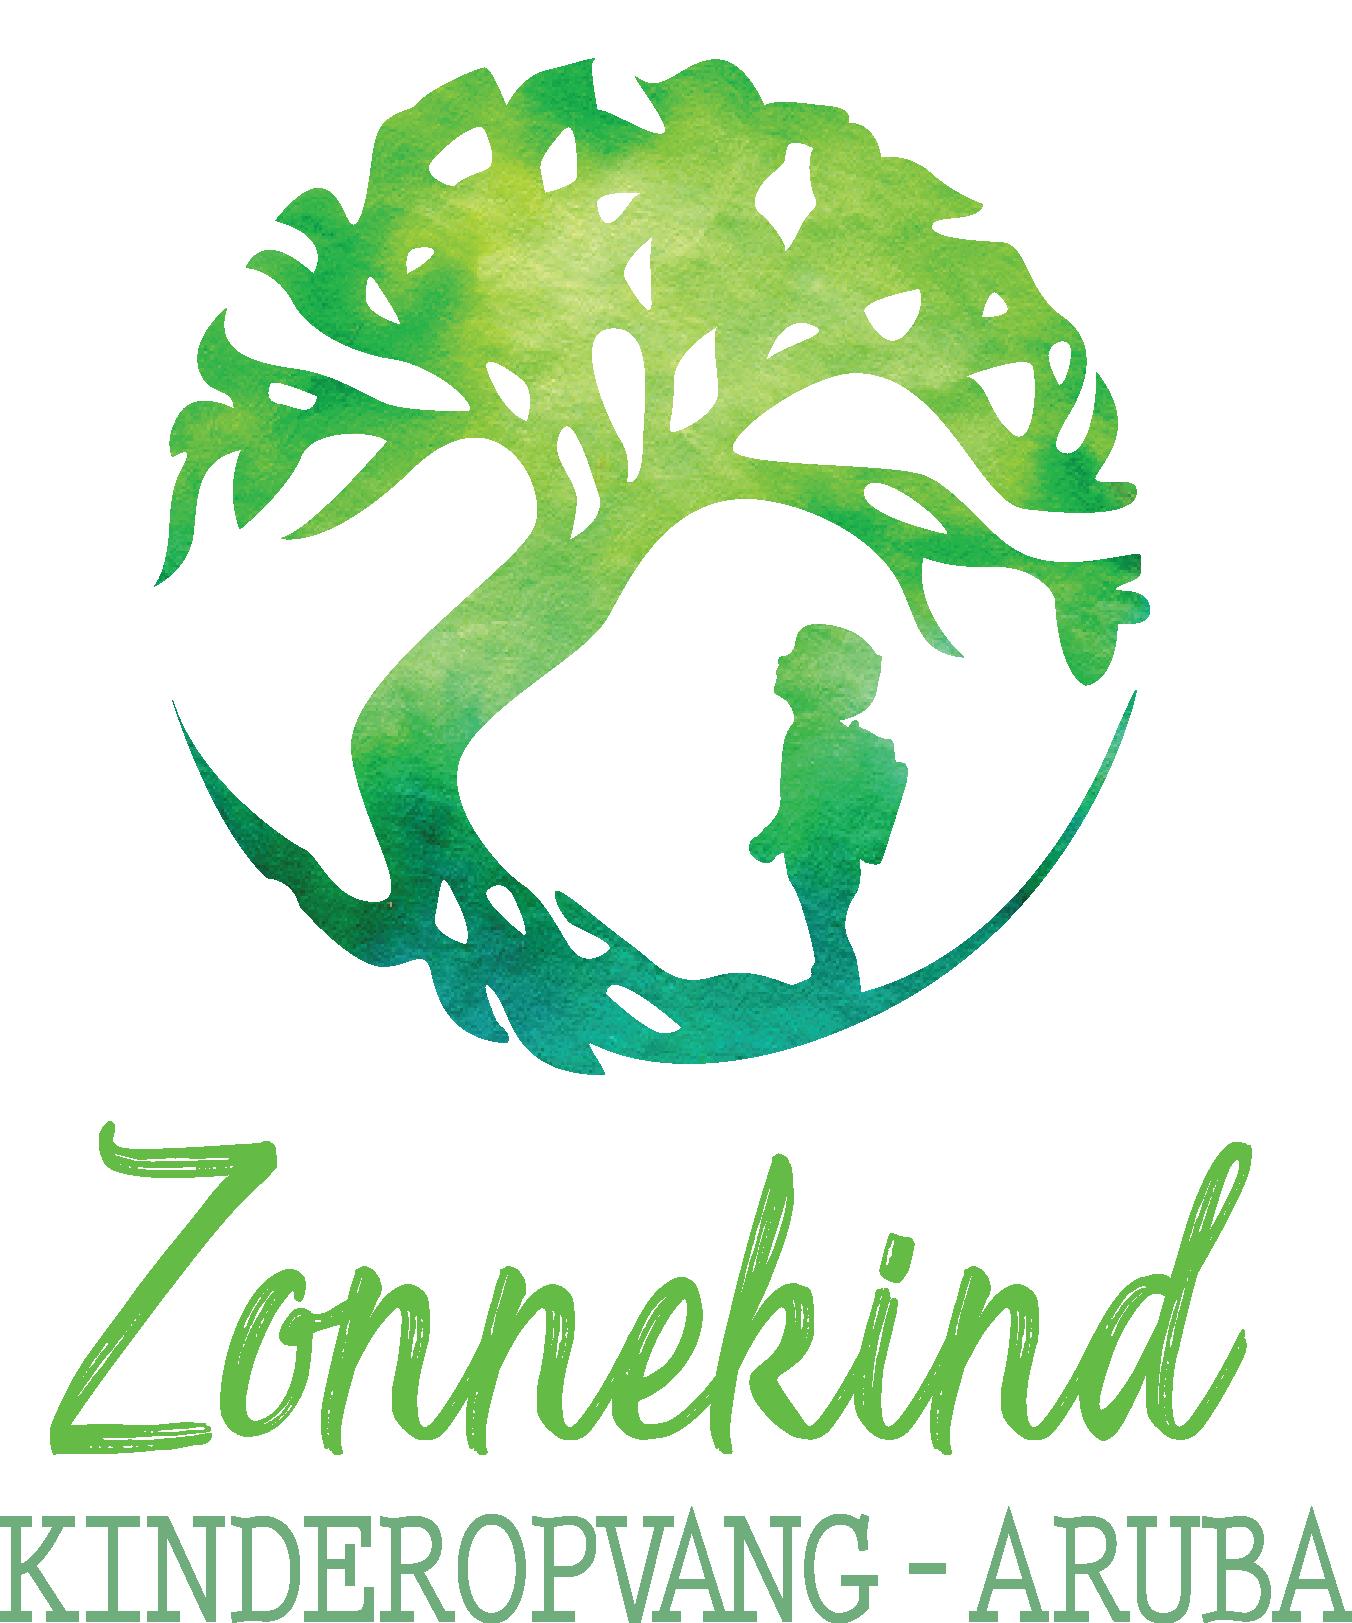 Zonnekind-Kinderopvang-Aruba-04-1